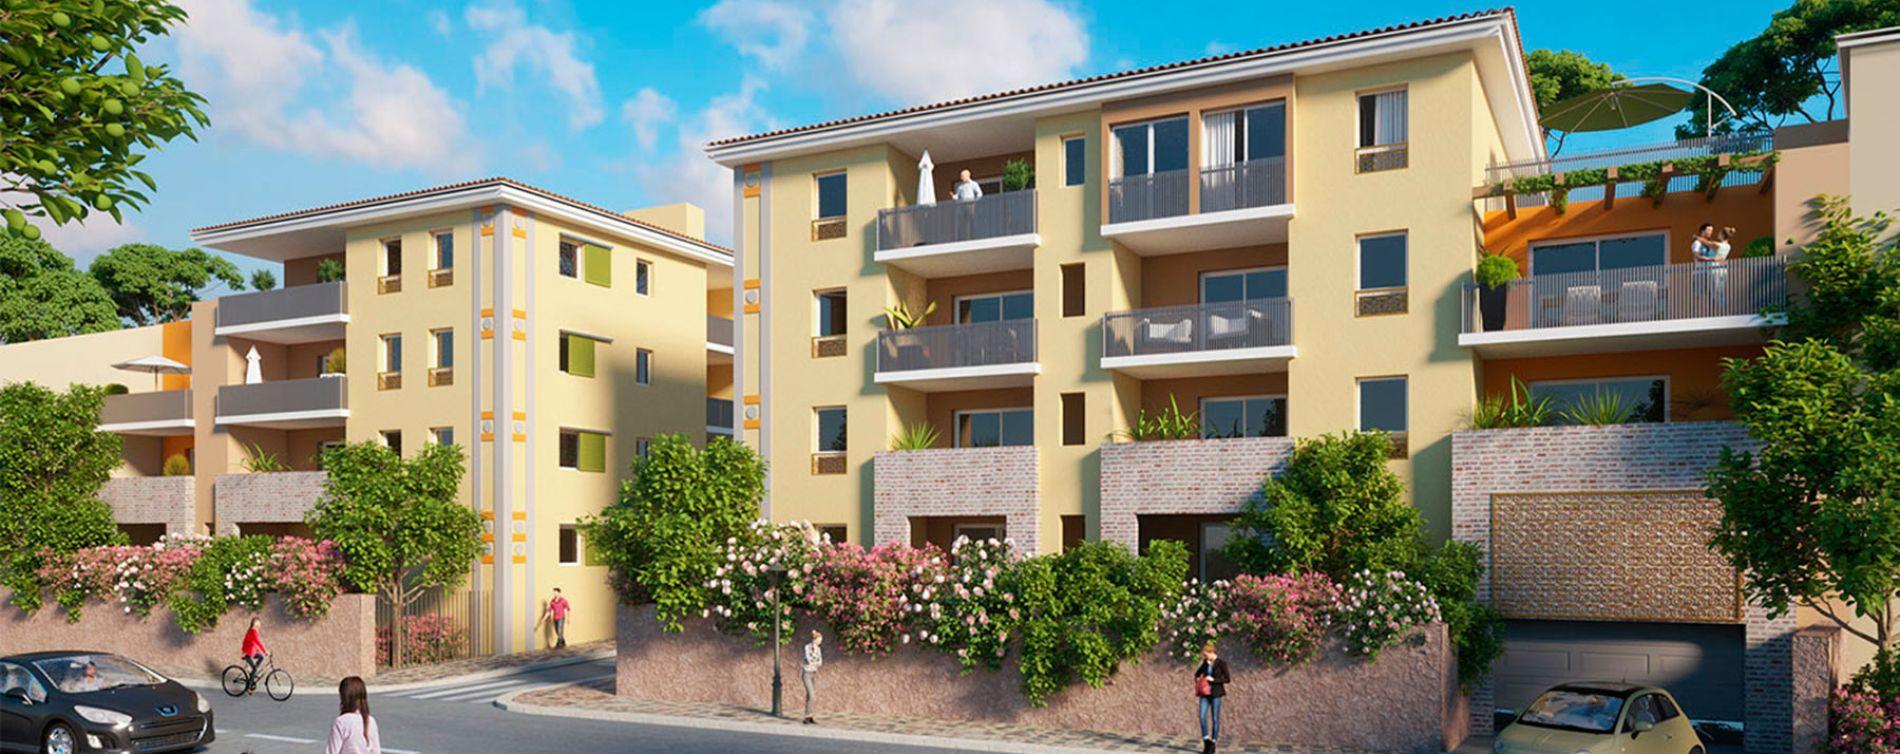 Puget-sur-Argens : programme immobilier neuve « Oustau Verde »